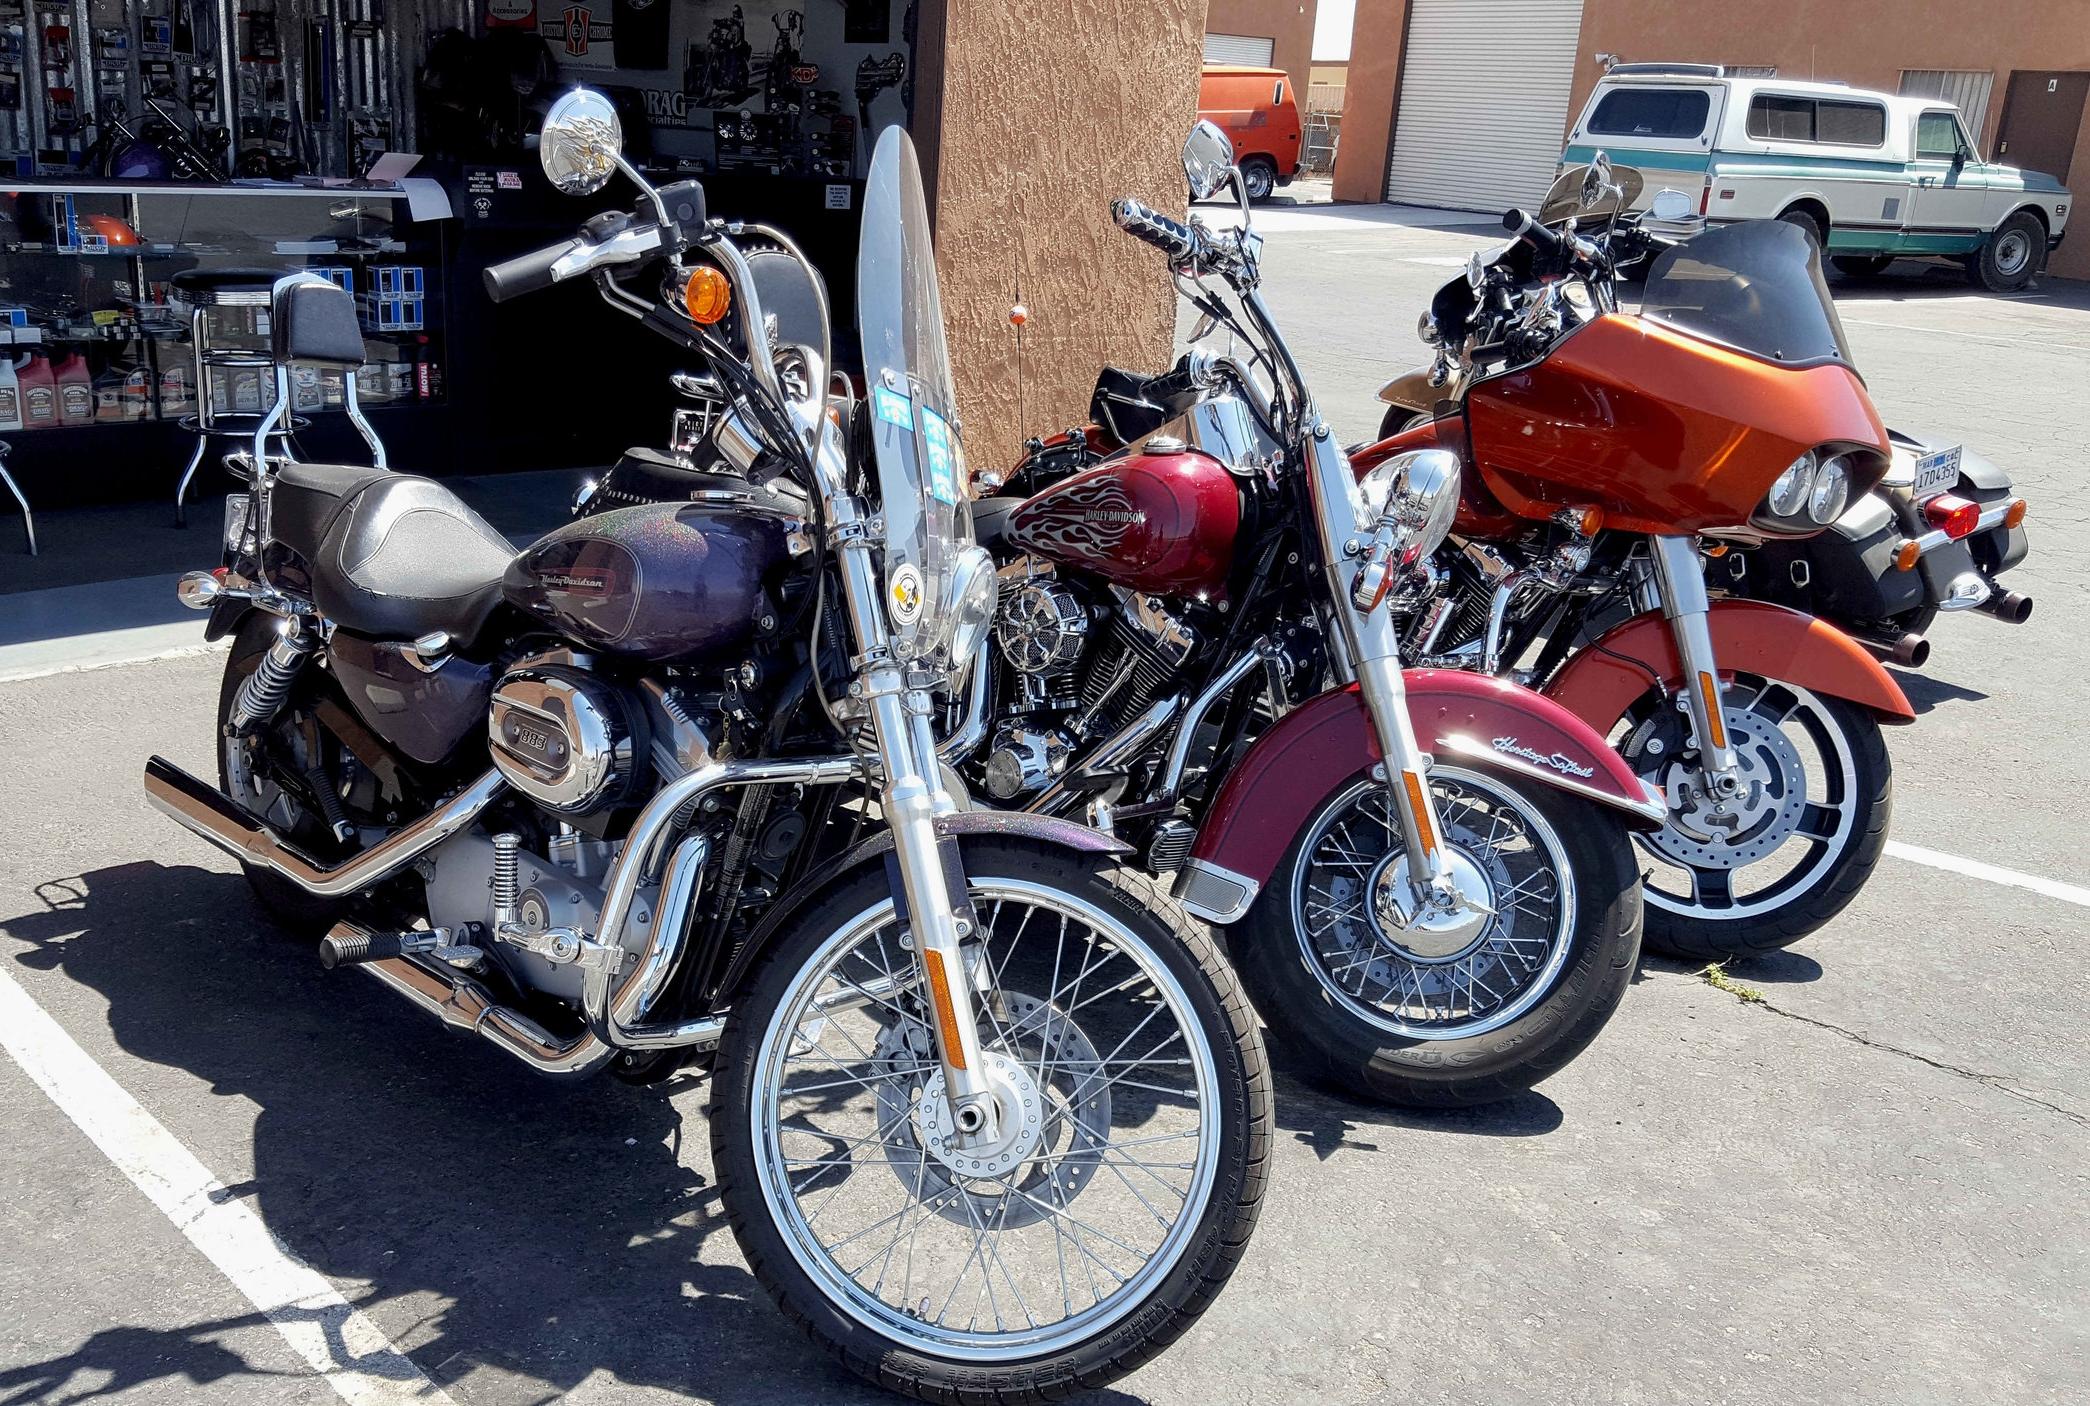 Bikesoutside2.jpg